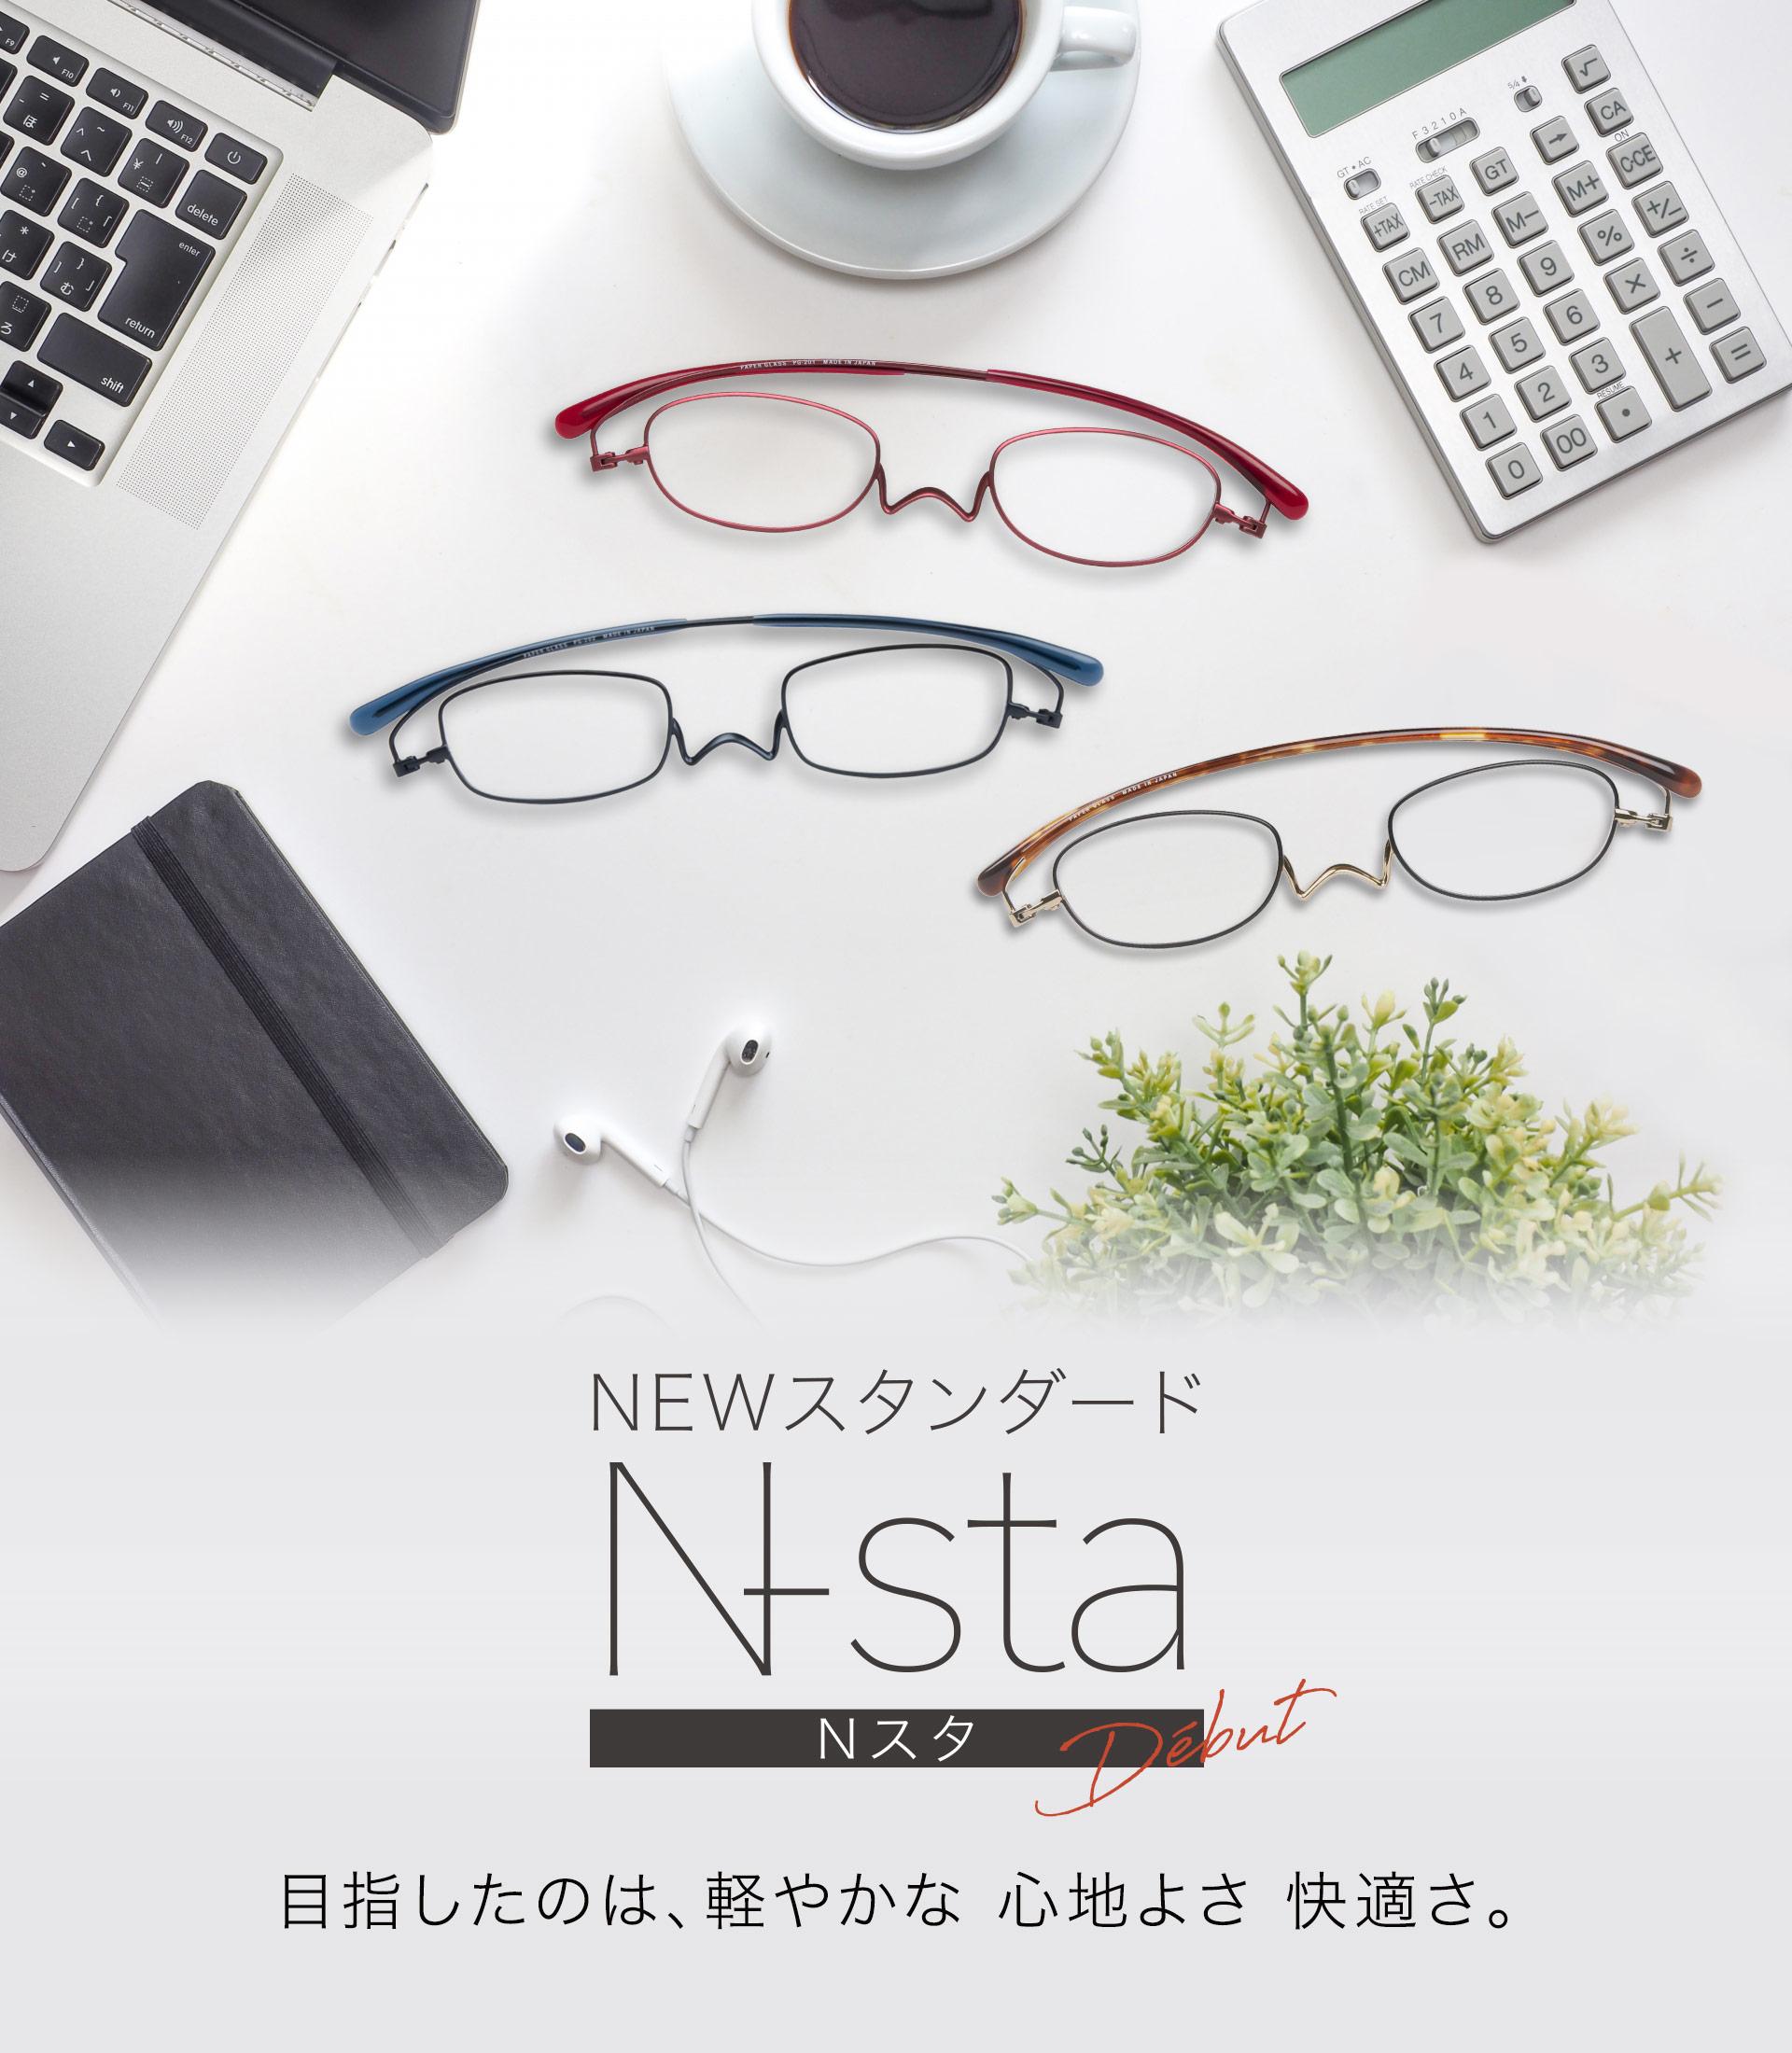 薄型 老眼鏡 ペーパーグラス NEWスタンダード「Nスタ」